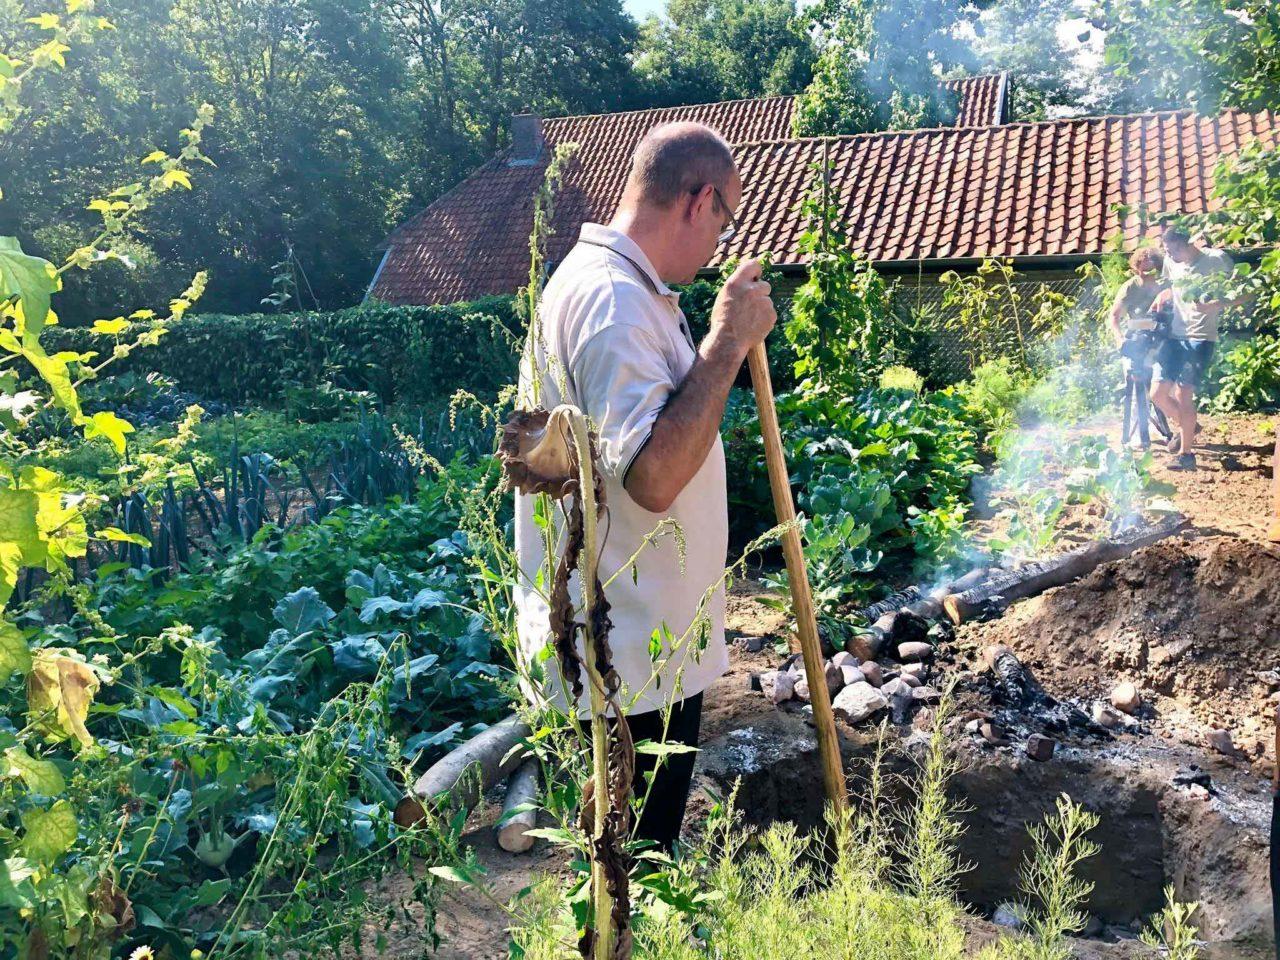 Aan Sjuuteeänjd ristorante sostenibile Olanda cottura forno interrato